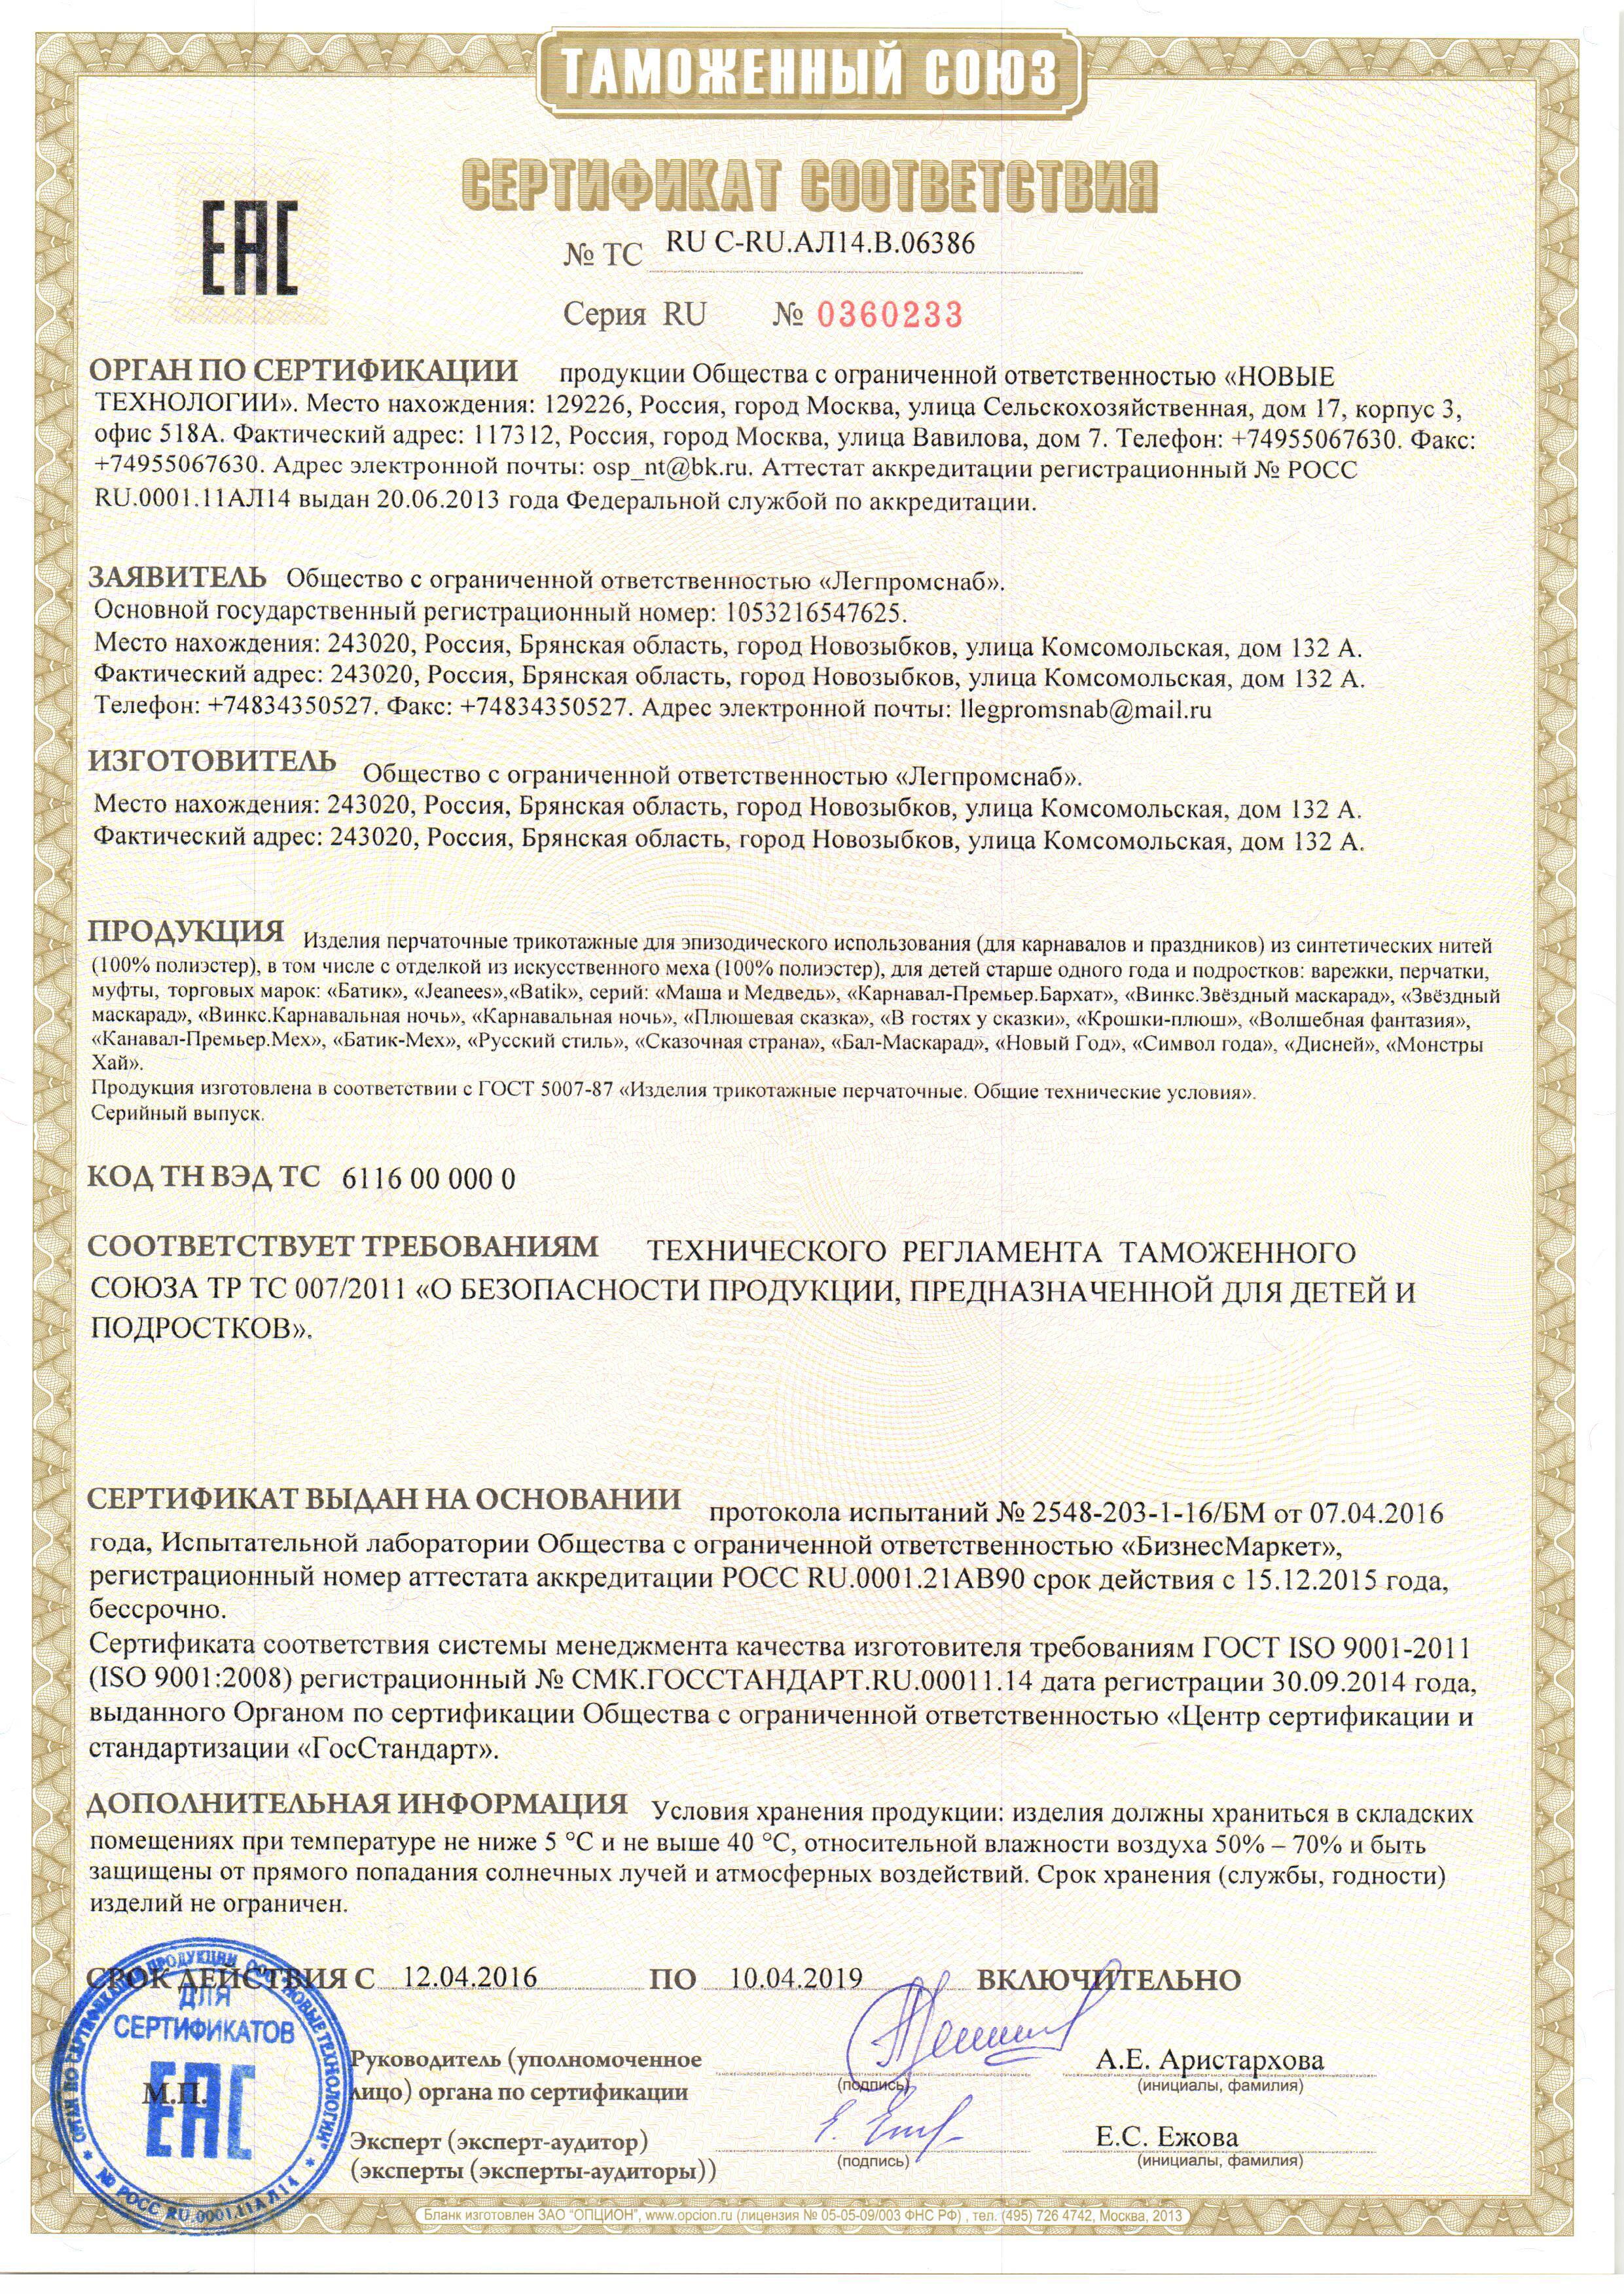 Сертификаты-6.jpg